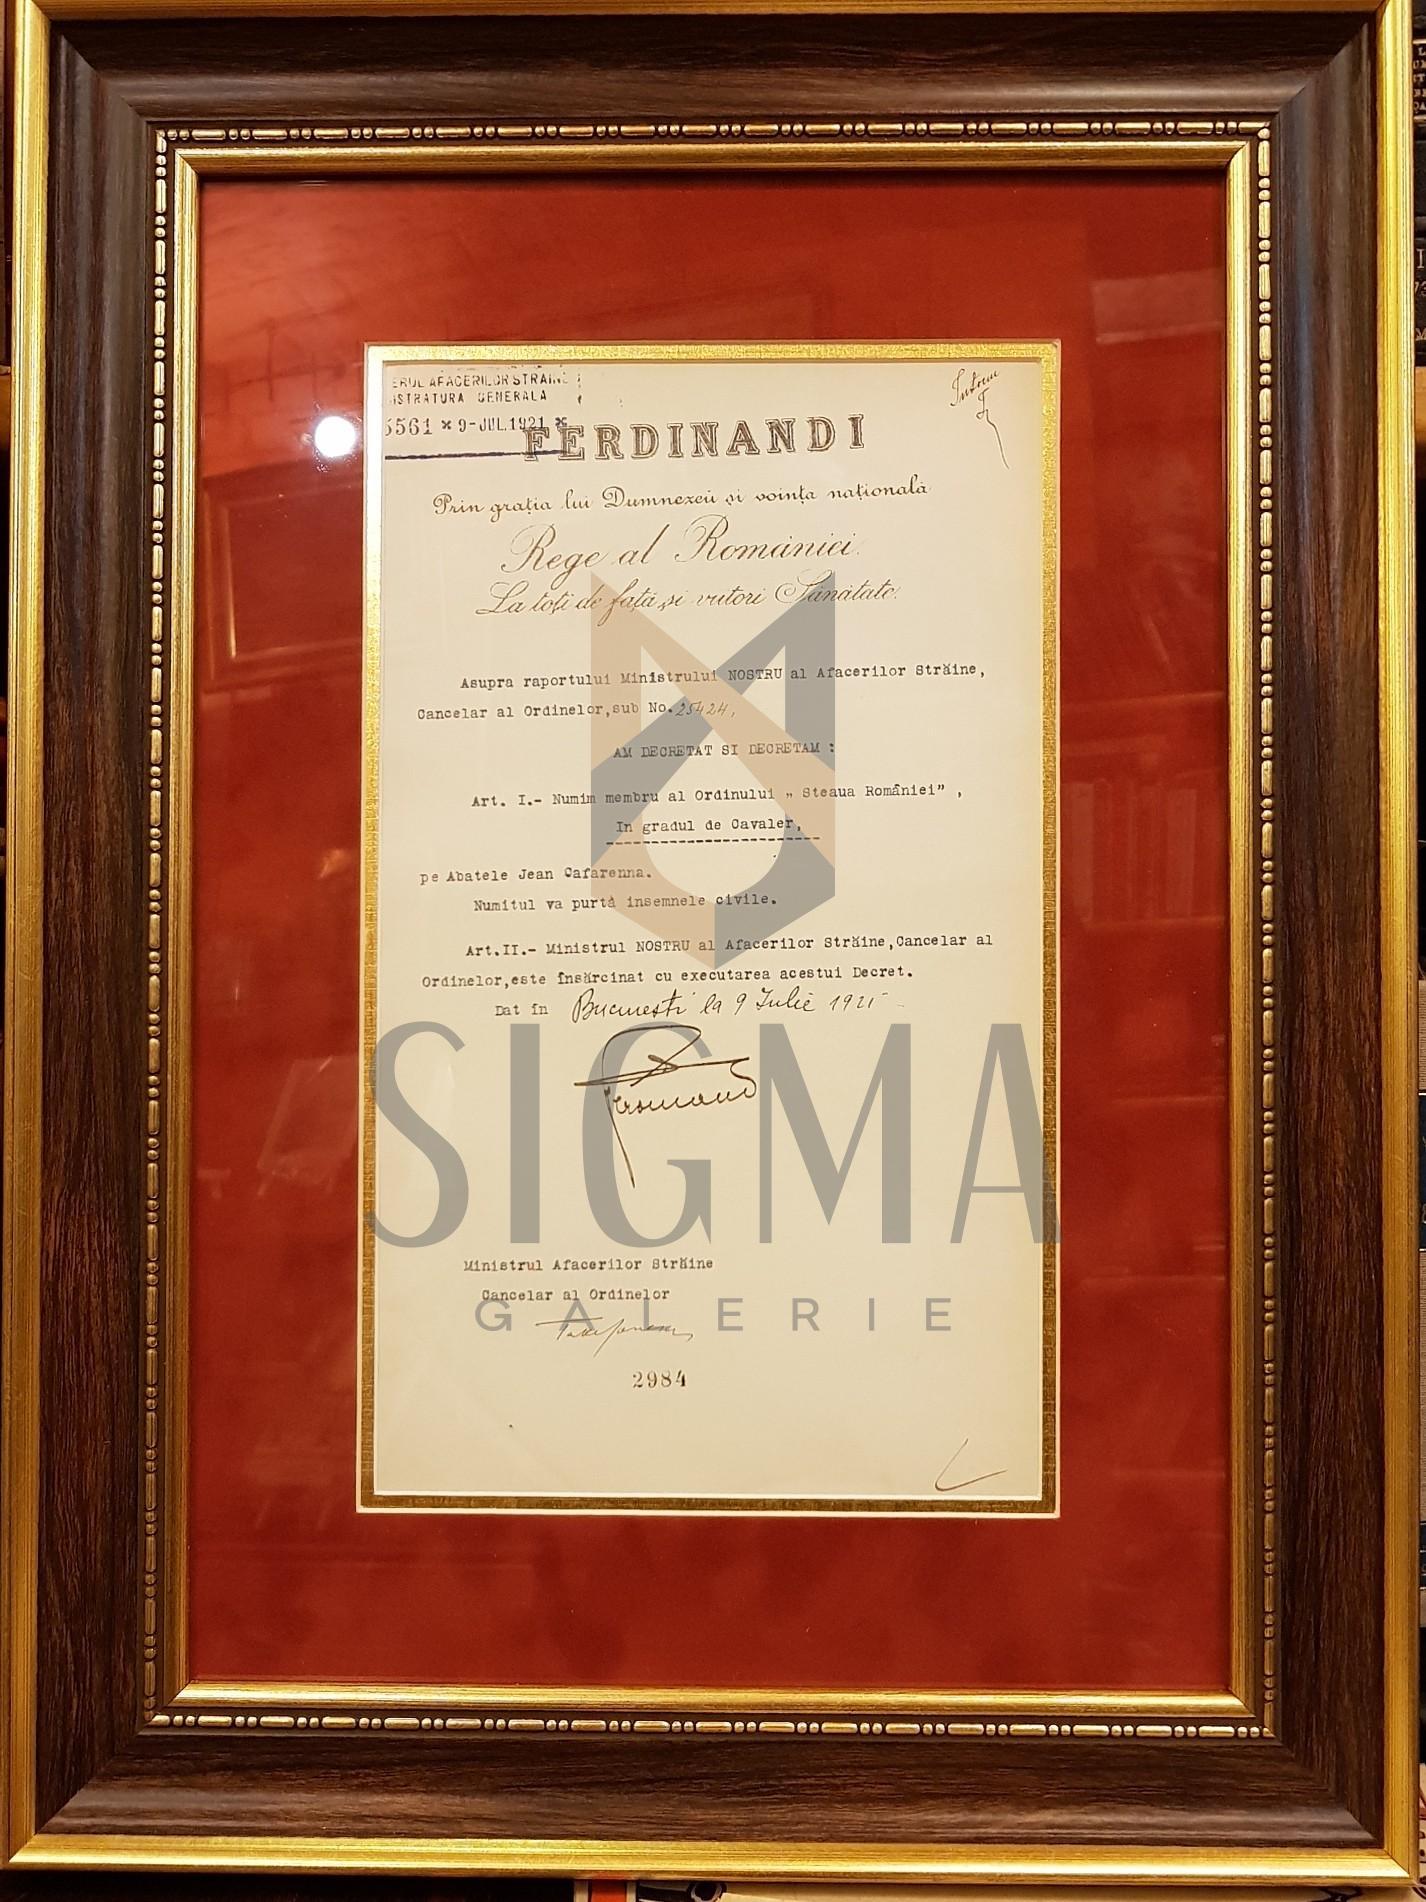 """REGELE """"FERDINAND I"""" si """"TAKE IONESCU"""" (Ministrul Afacerilor Straine), Document de Cancelarie, 9 Iulie 1921 (Semnaturi In Original !)"""